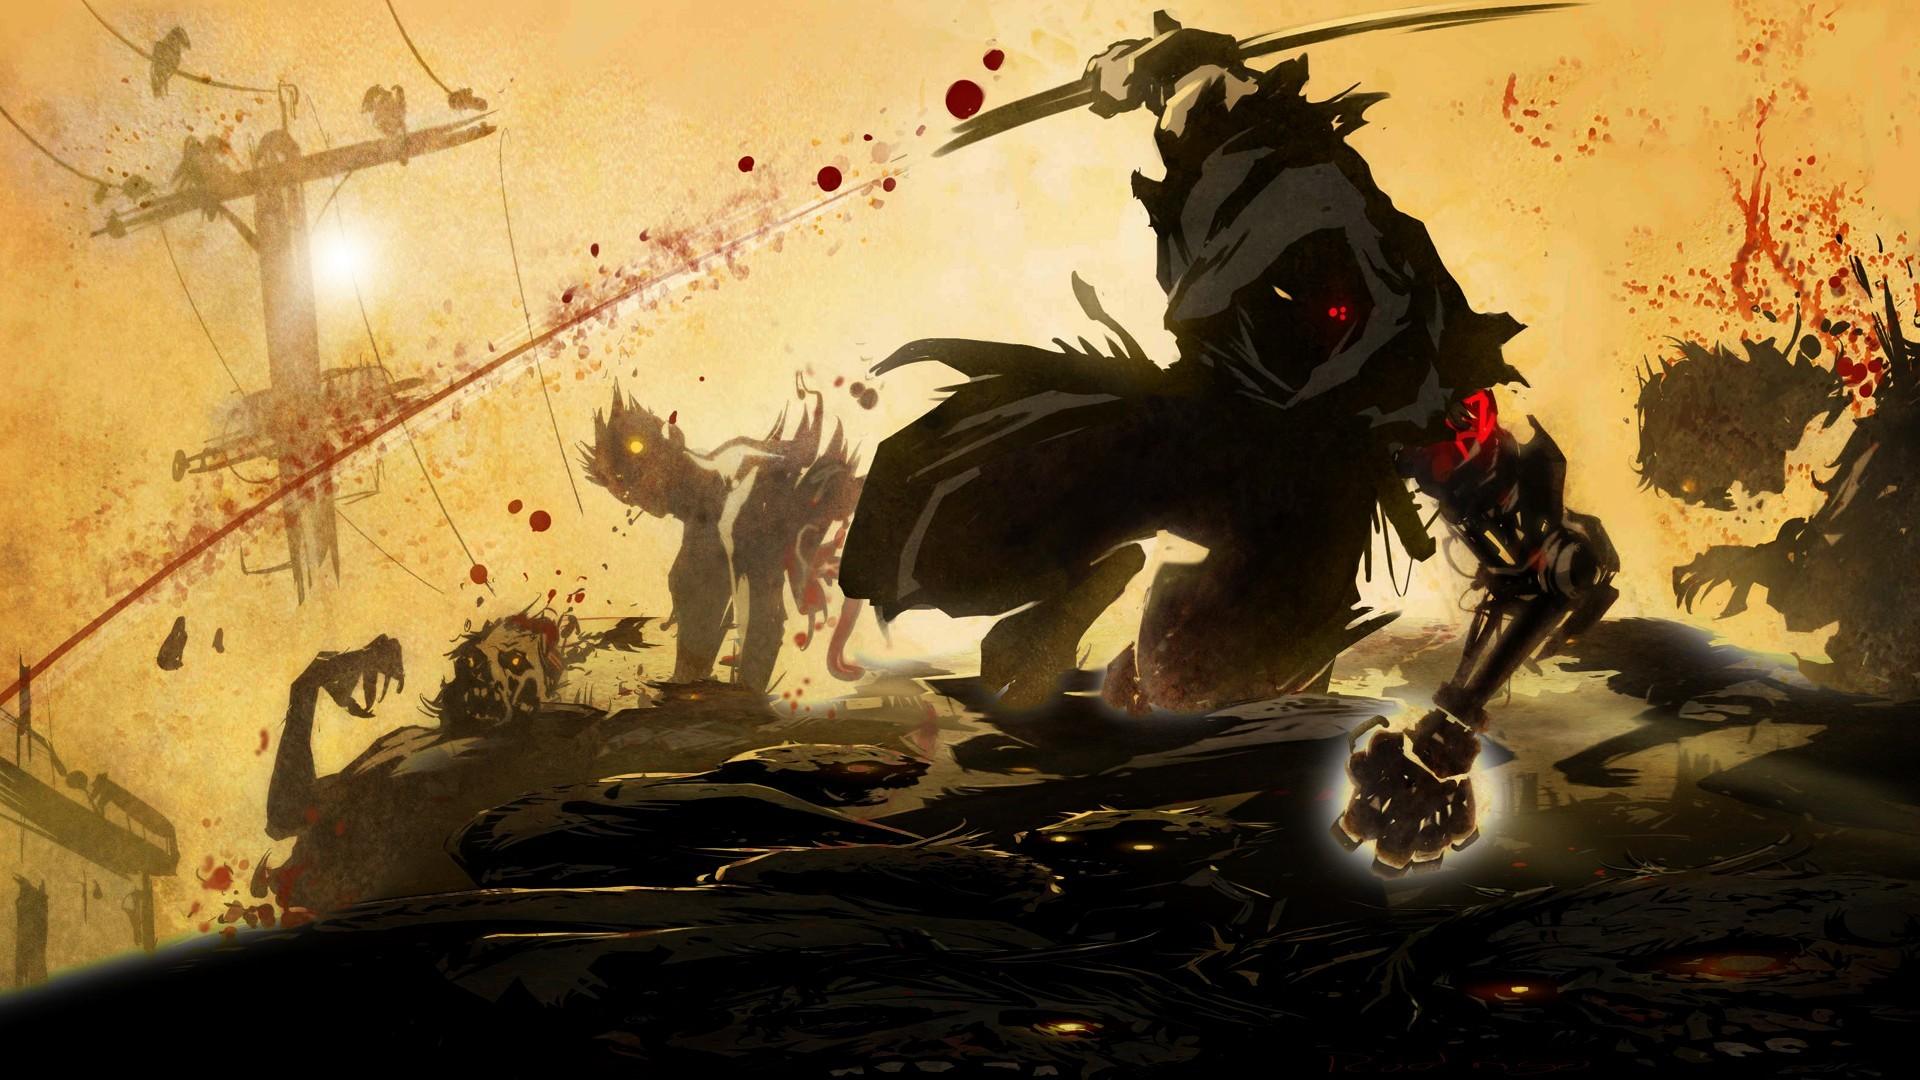 videogames anime warrior dark zombies blood wallpaper background .